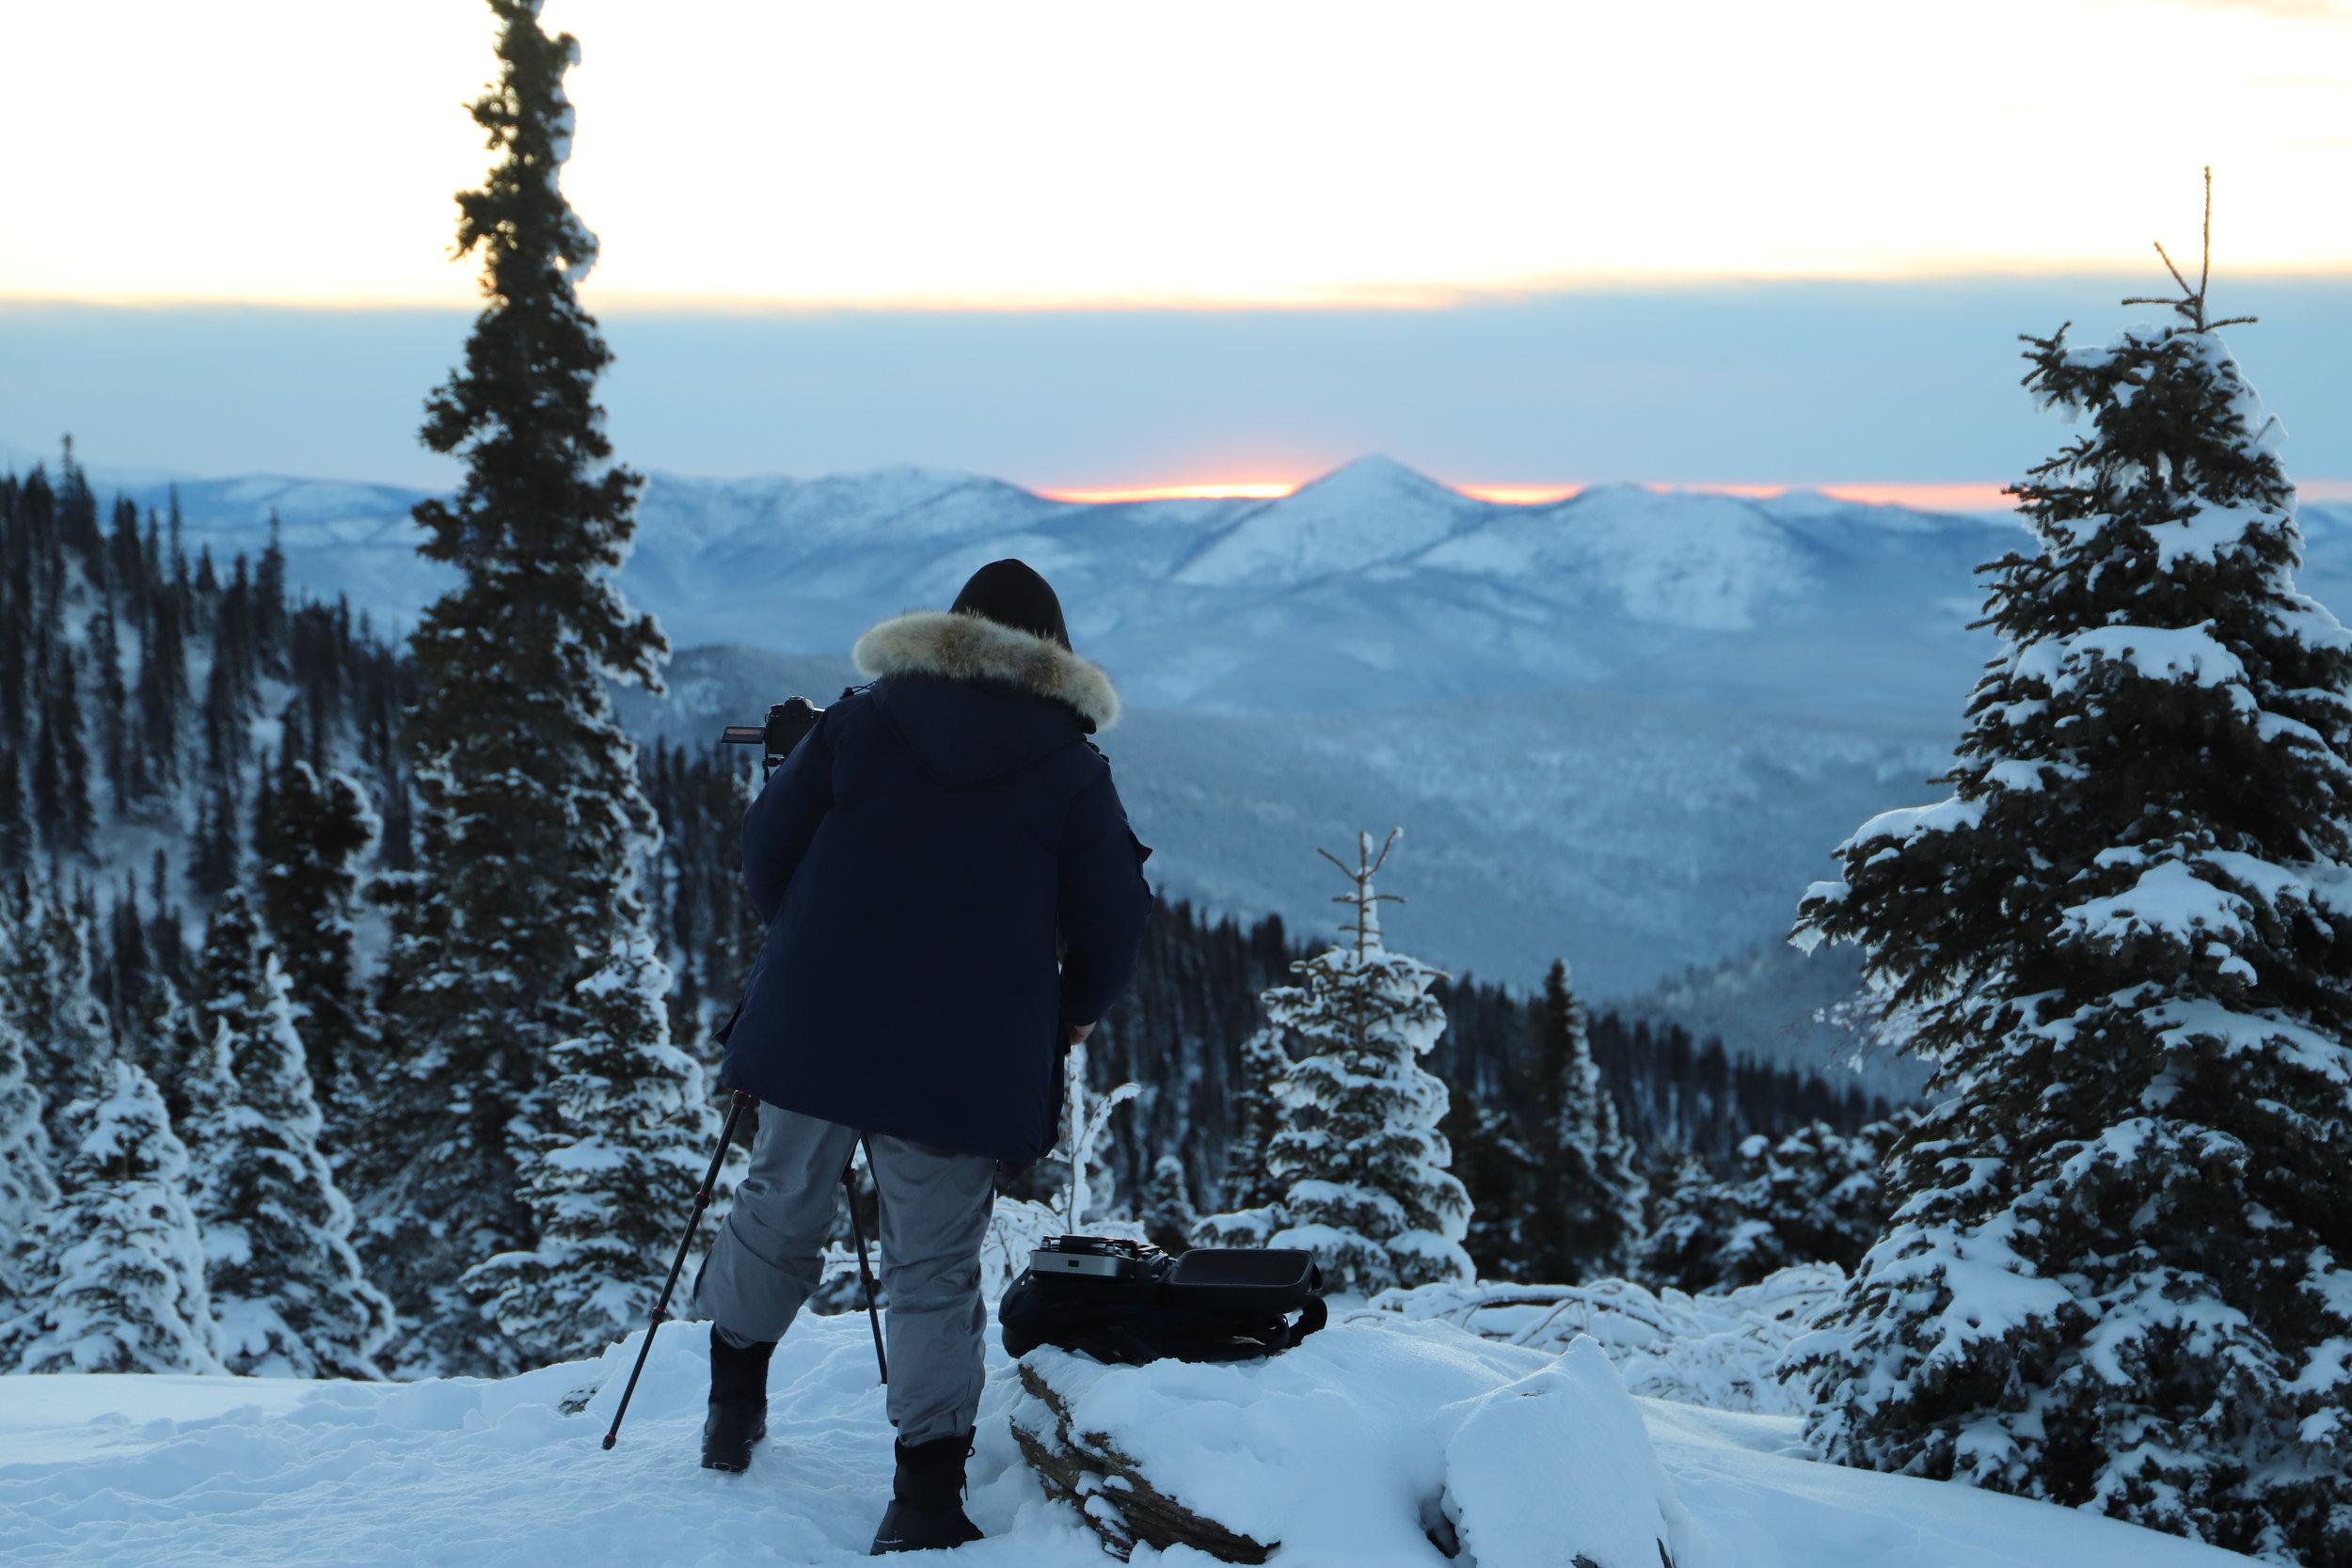 观日落 - - 坐军用坦克车到查理穹顶- 360度无敌视野- 白雪覆盖的山顶与日落辉映的天空是摄影爱好者不可错过的美景约1.5 - 2 小时 - $50/ 每人